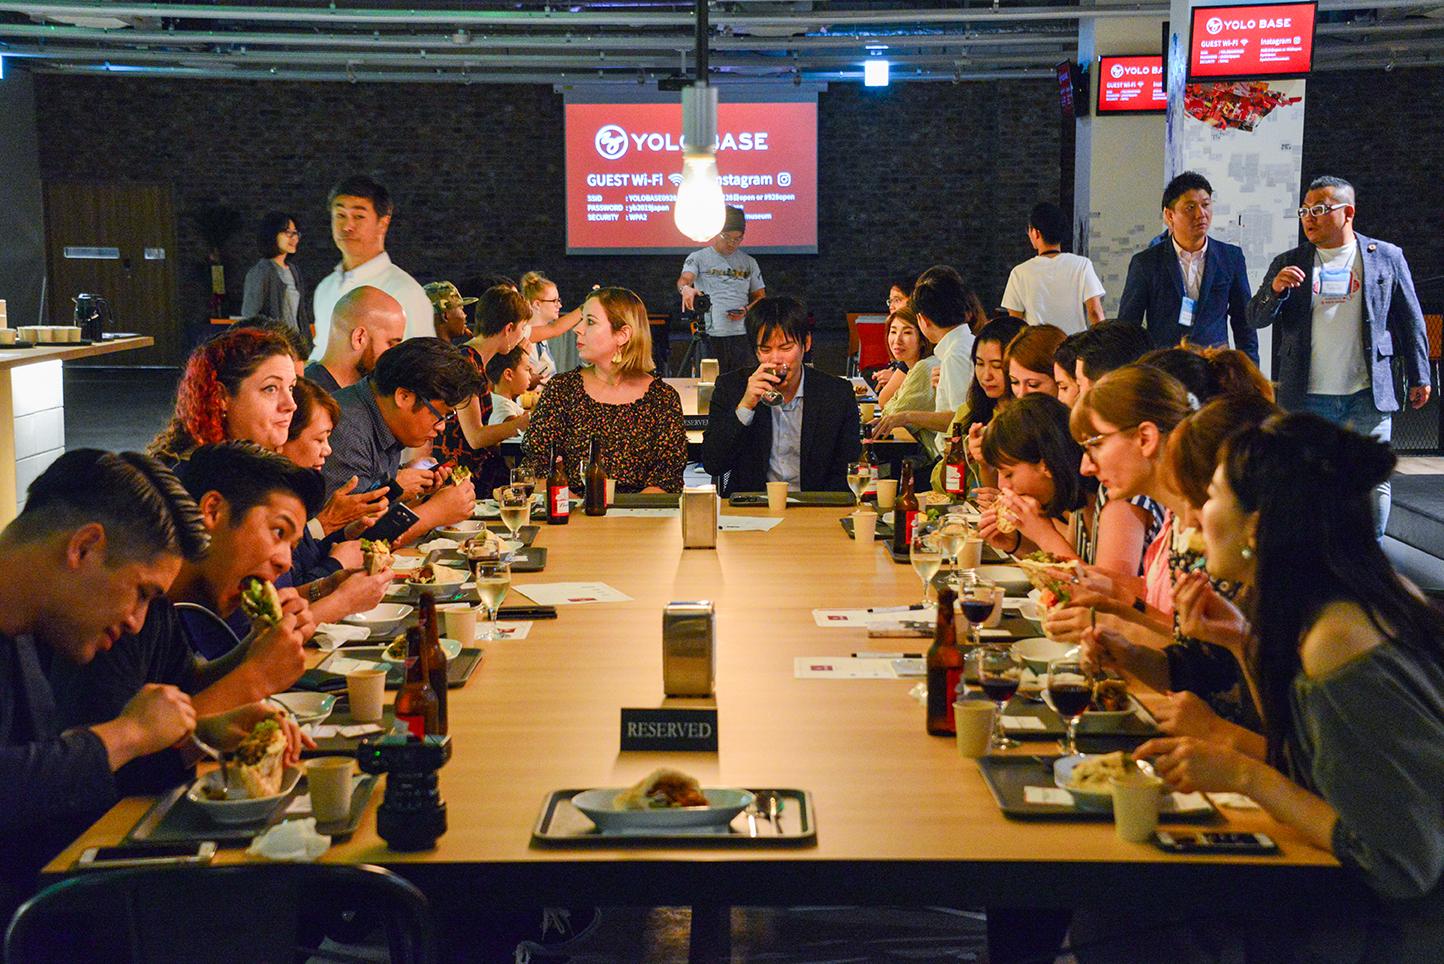 試食会での様子を映した写真